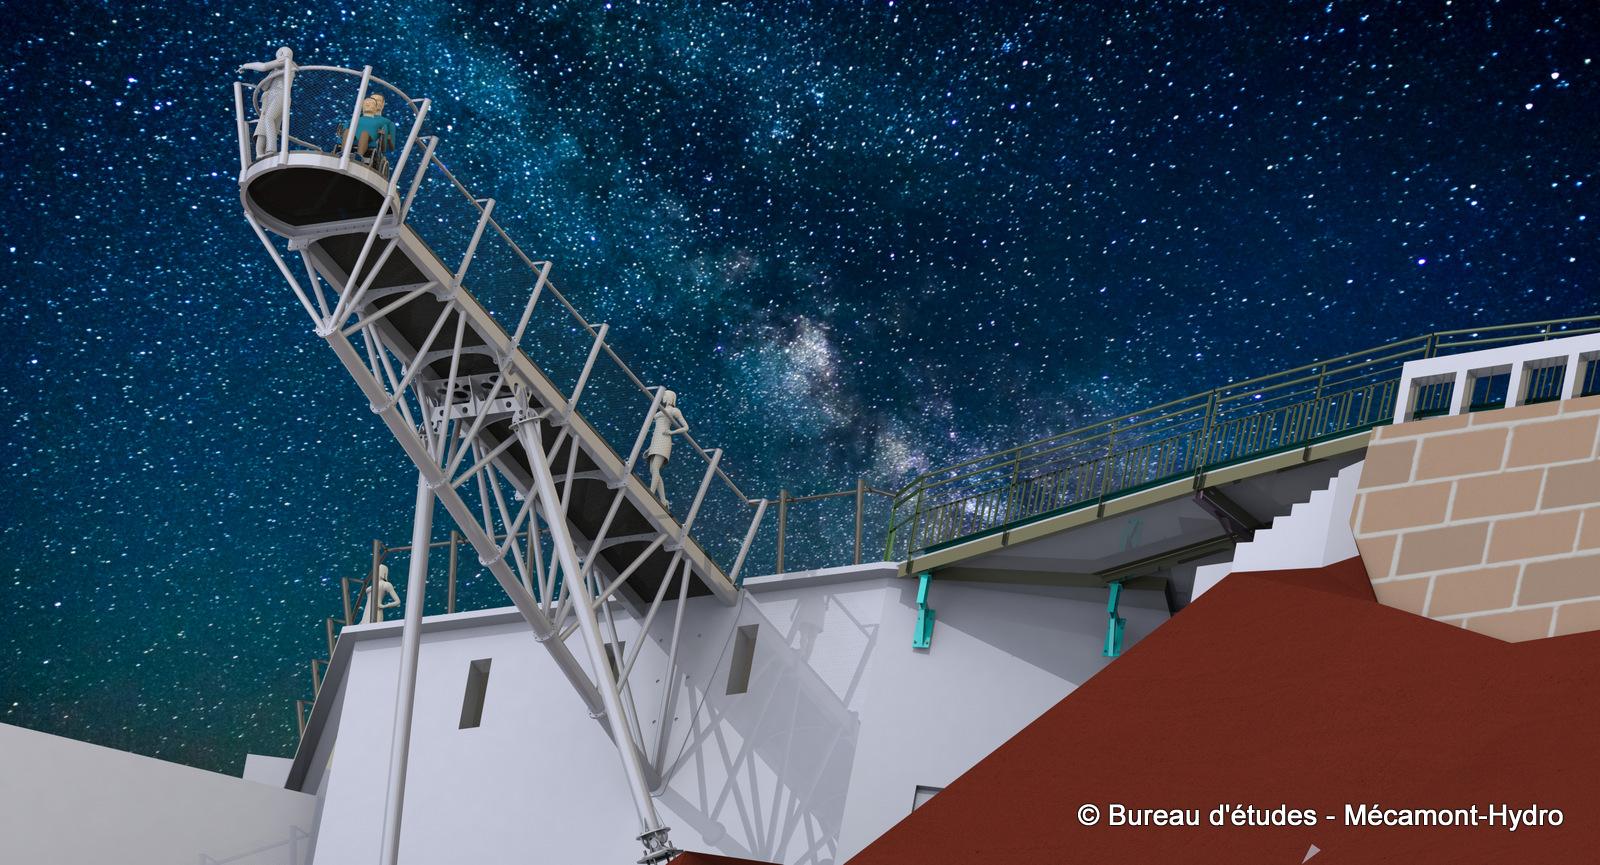 Image de synthèse sur l'Hyper-belvédère du Pic du Midi de Bigorre réalisé par Mécamont-Hydro - vue de nuit